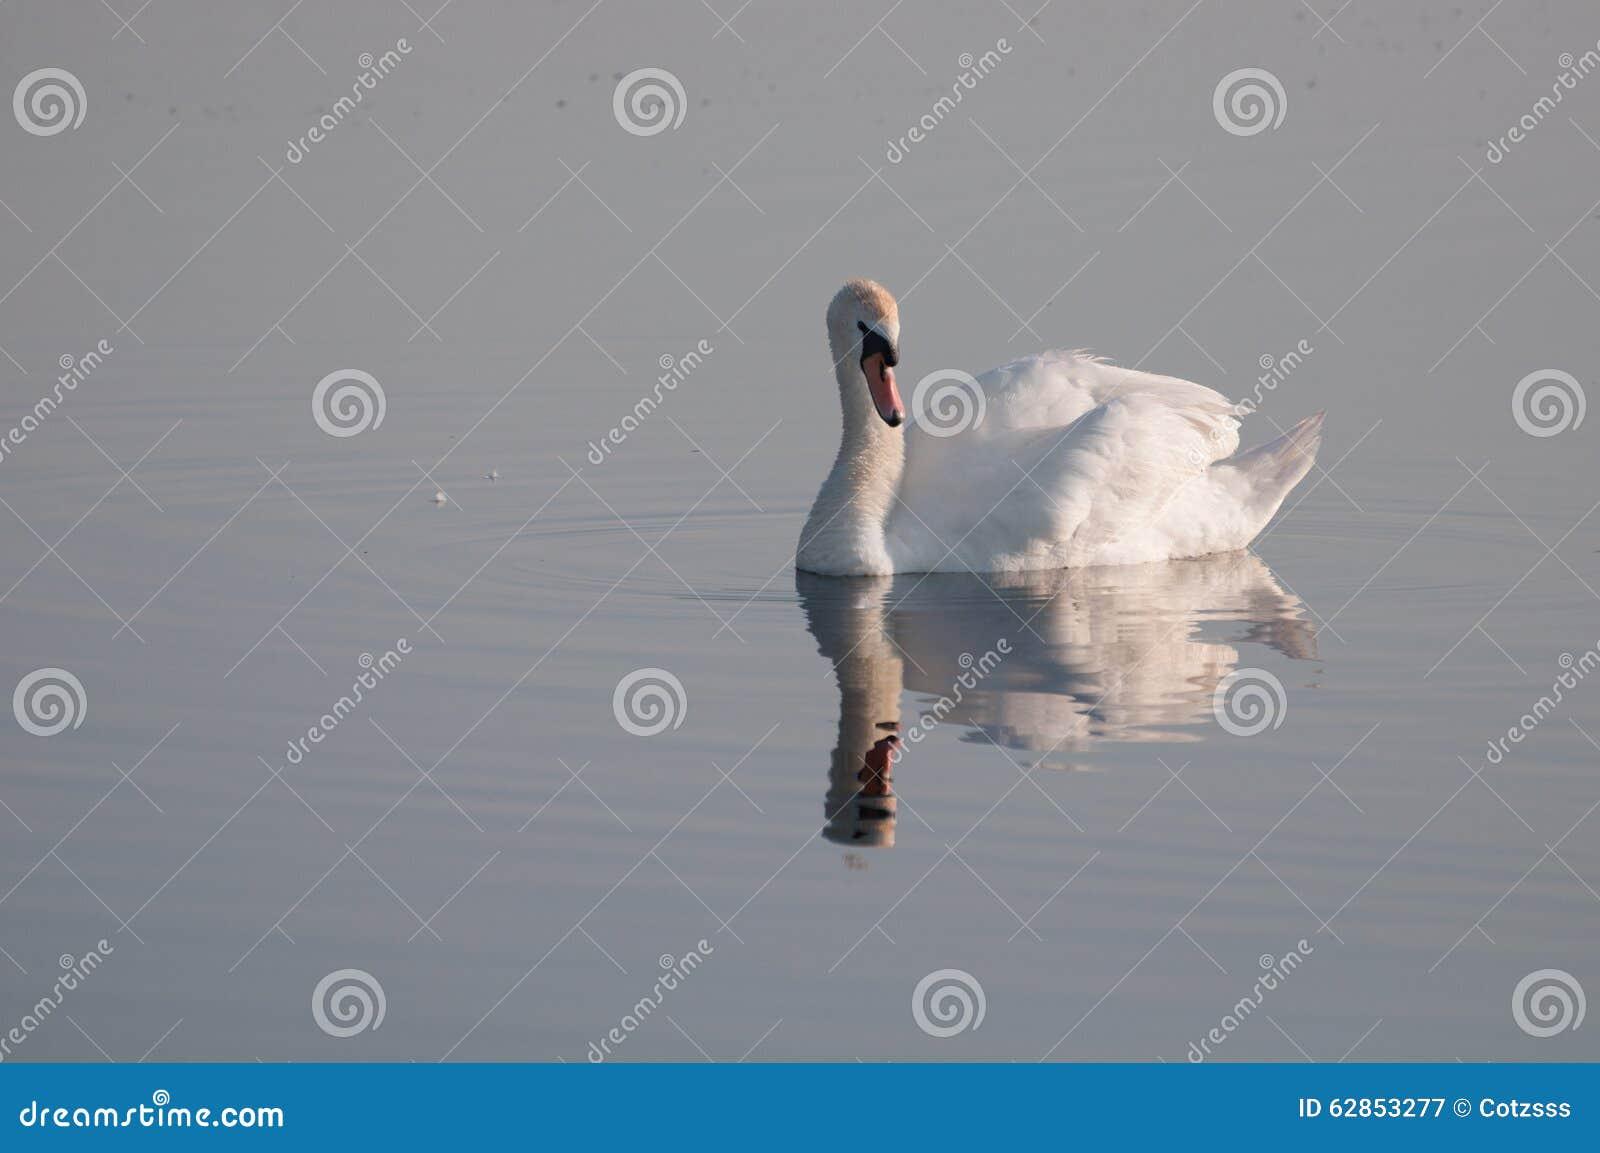 Behagfull svan reflekterad på vattenyttersidan